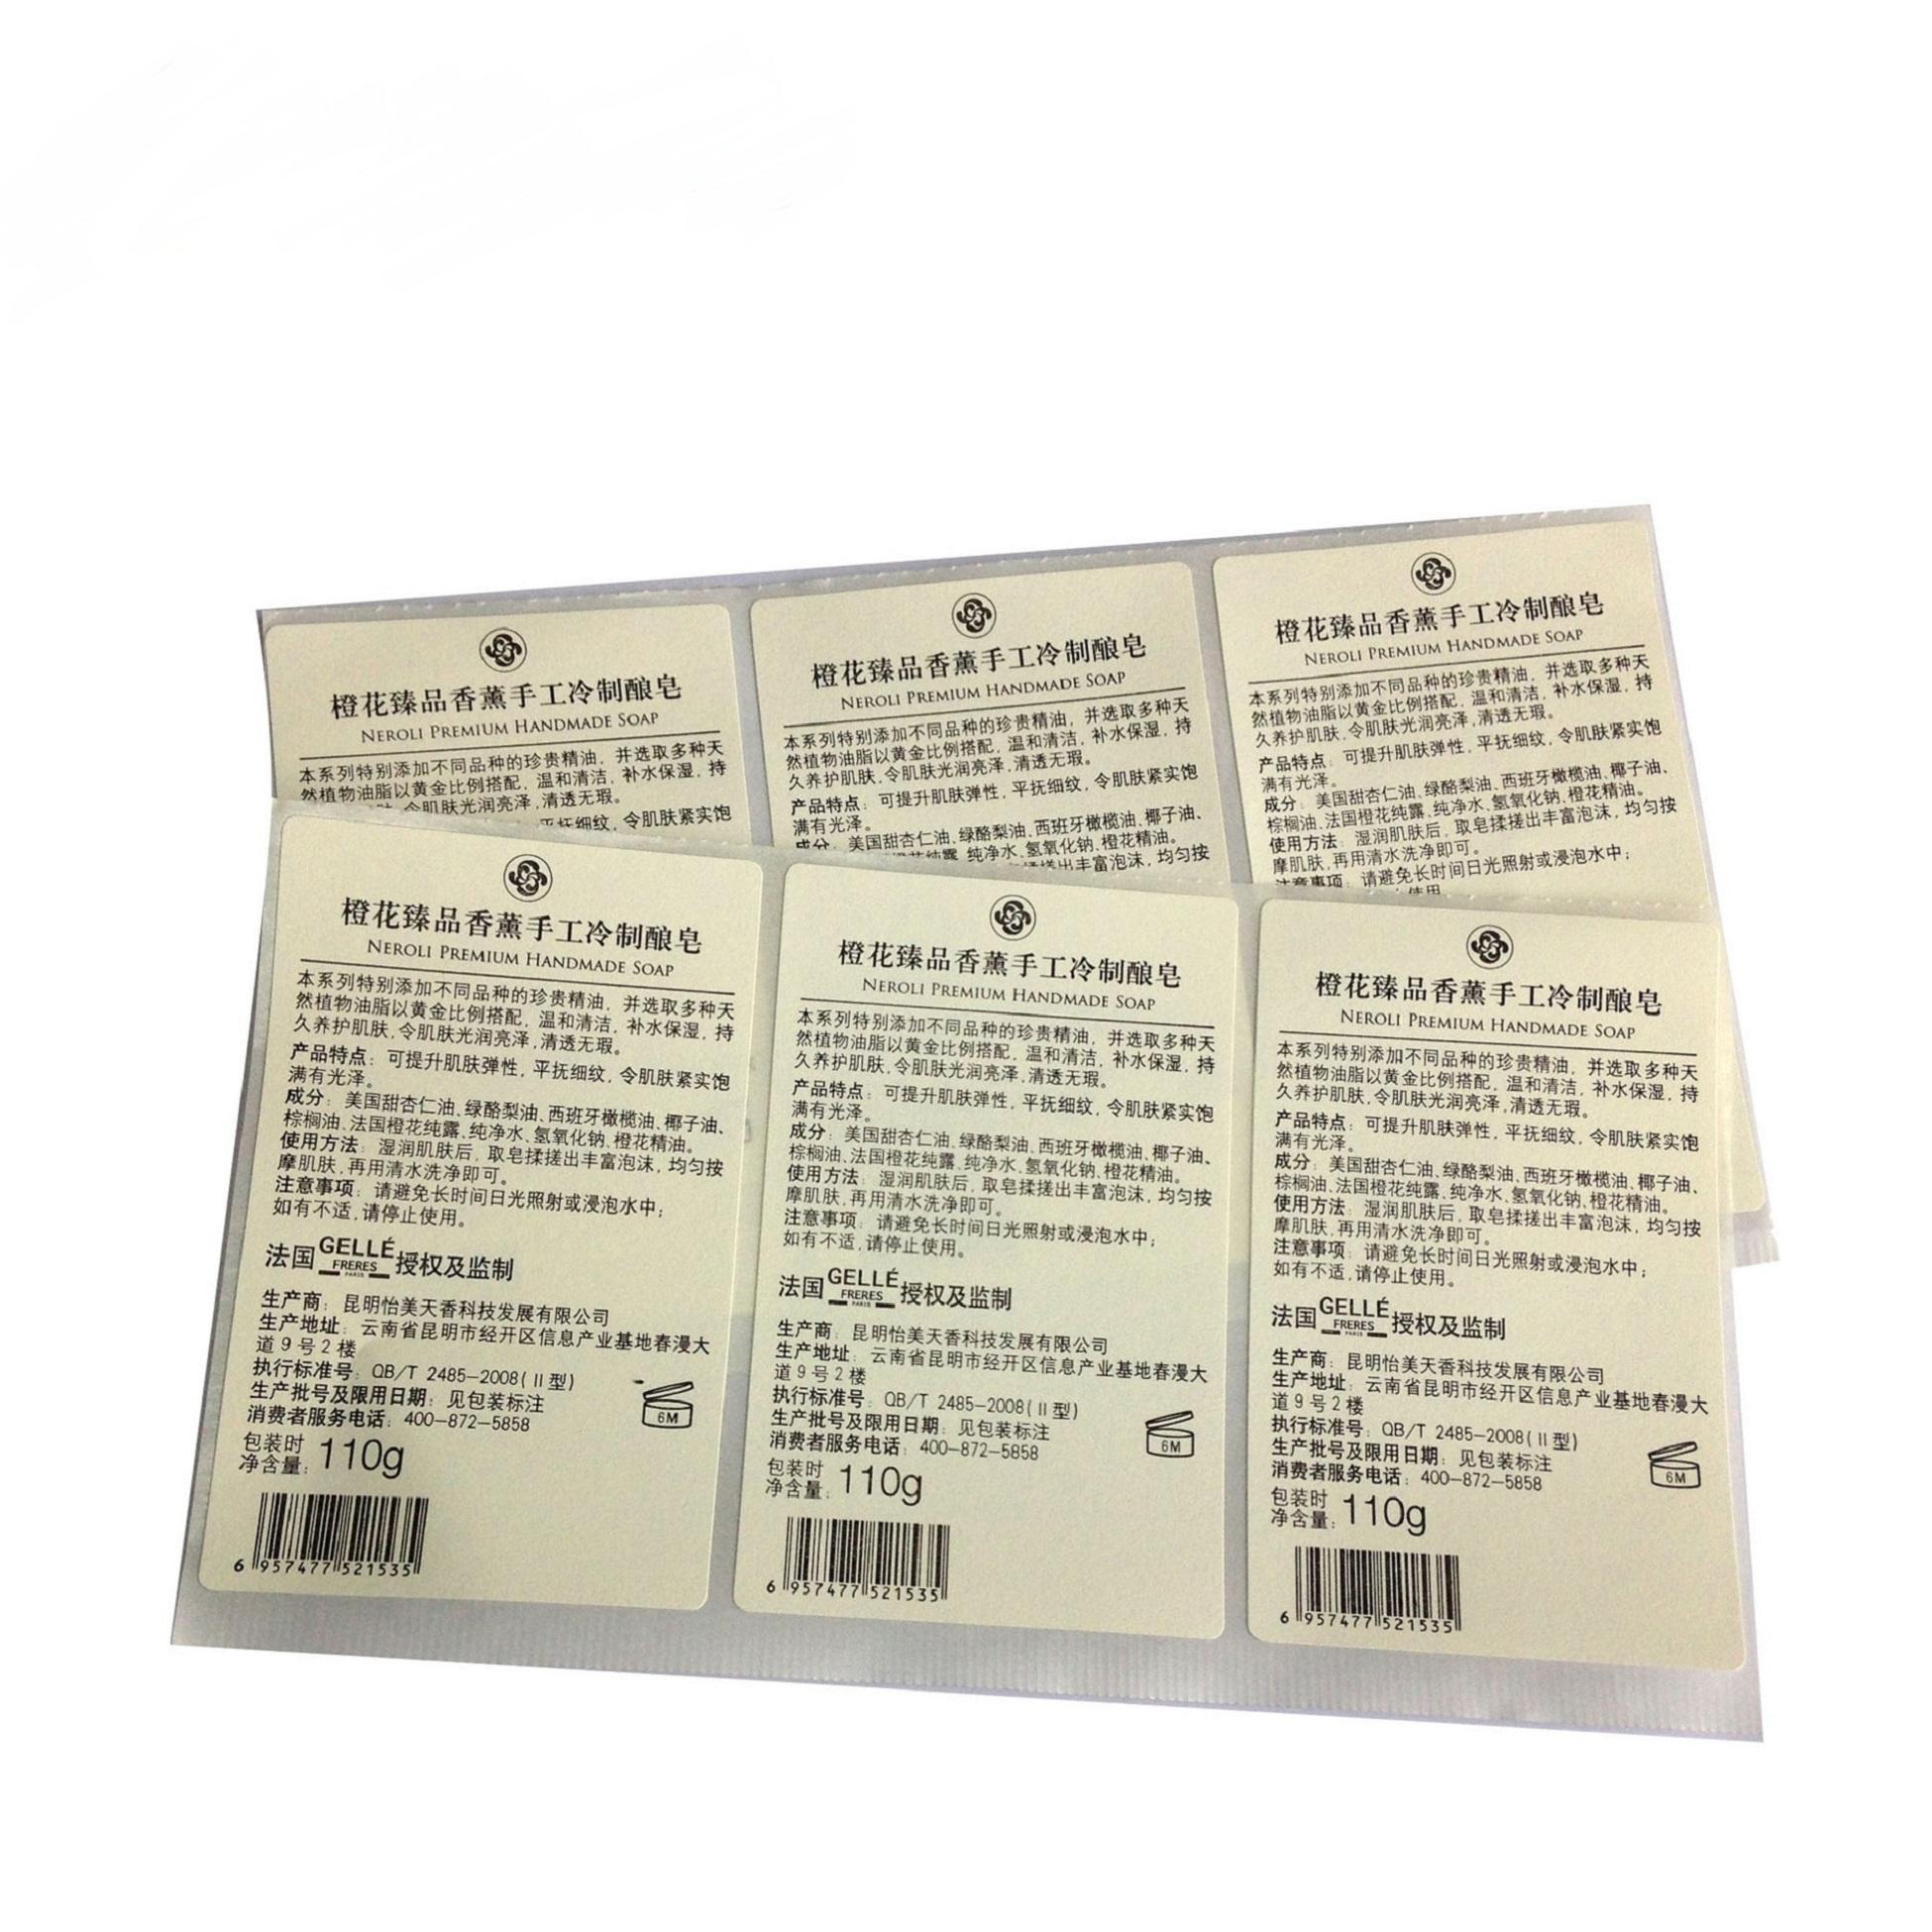 Chinesischer Top-Qualitäts-Wettbewerbspreis benutzerdefinierte Marke Logo-Label / Barcode-Klebstoff-Papieraufkleber